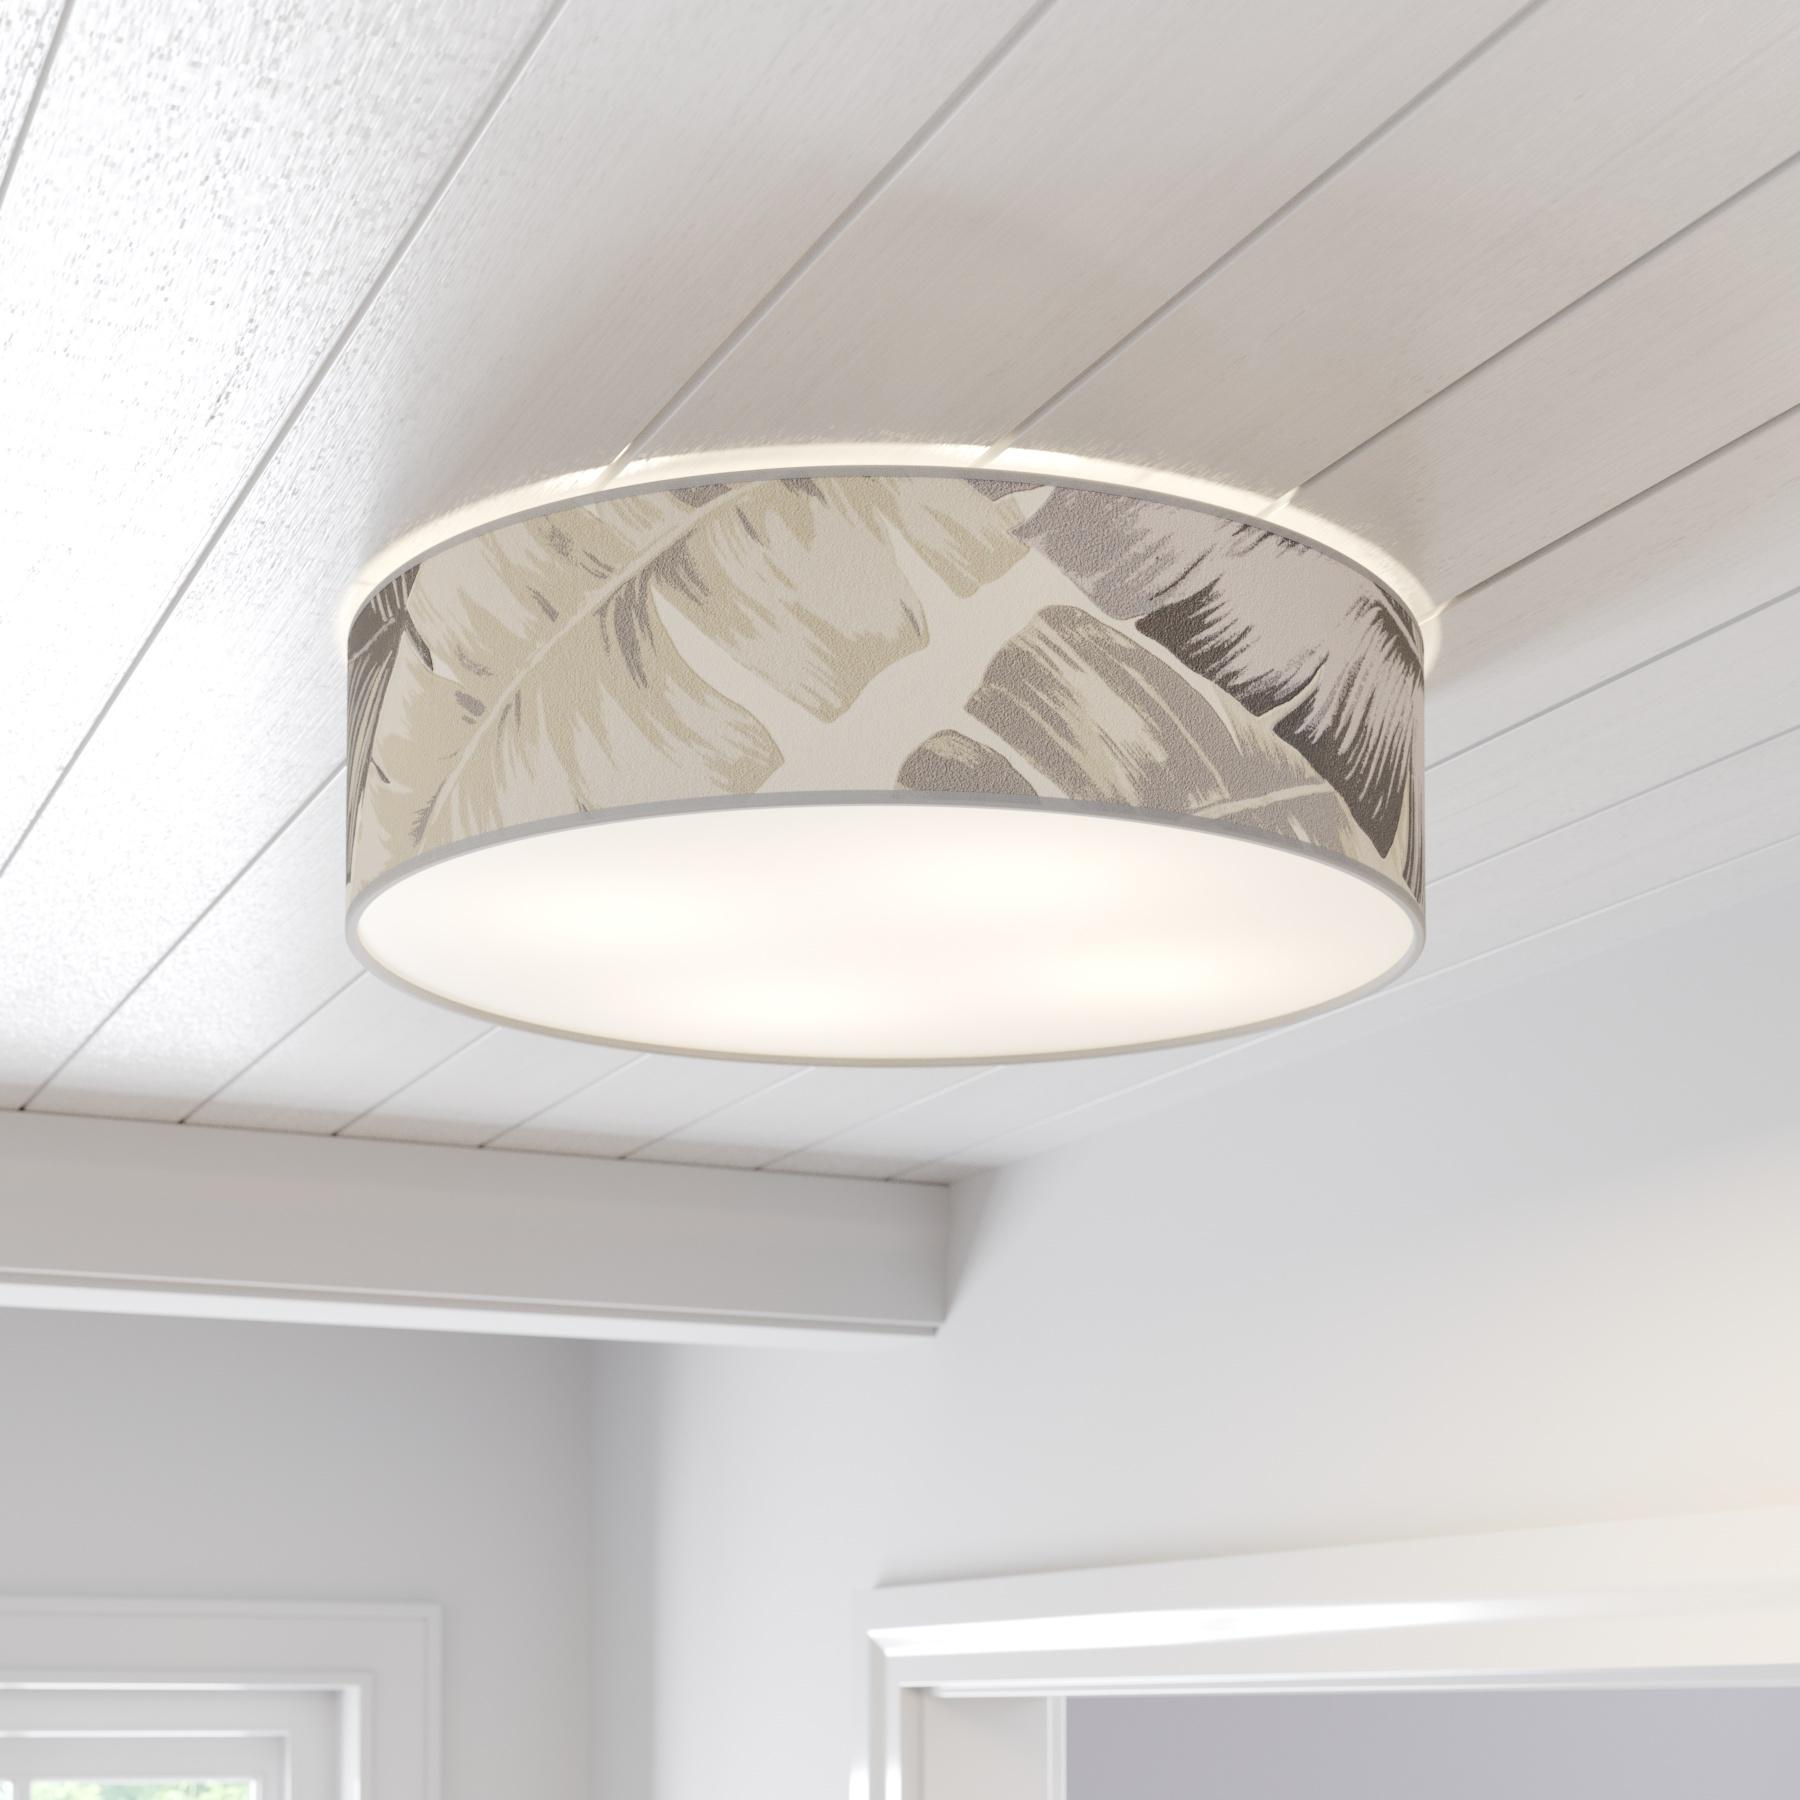 Lampa sufitowa Lobos z przesłoną okrągła Ø 58 cm